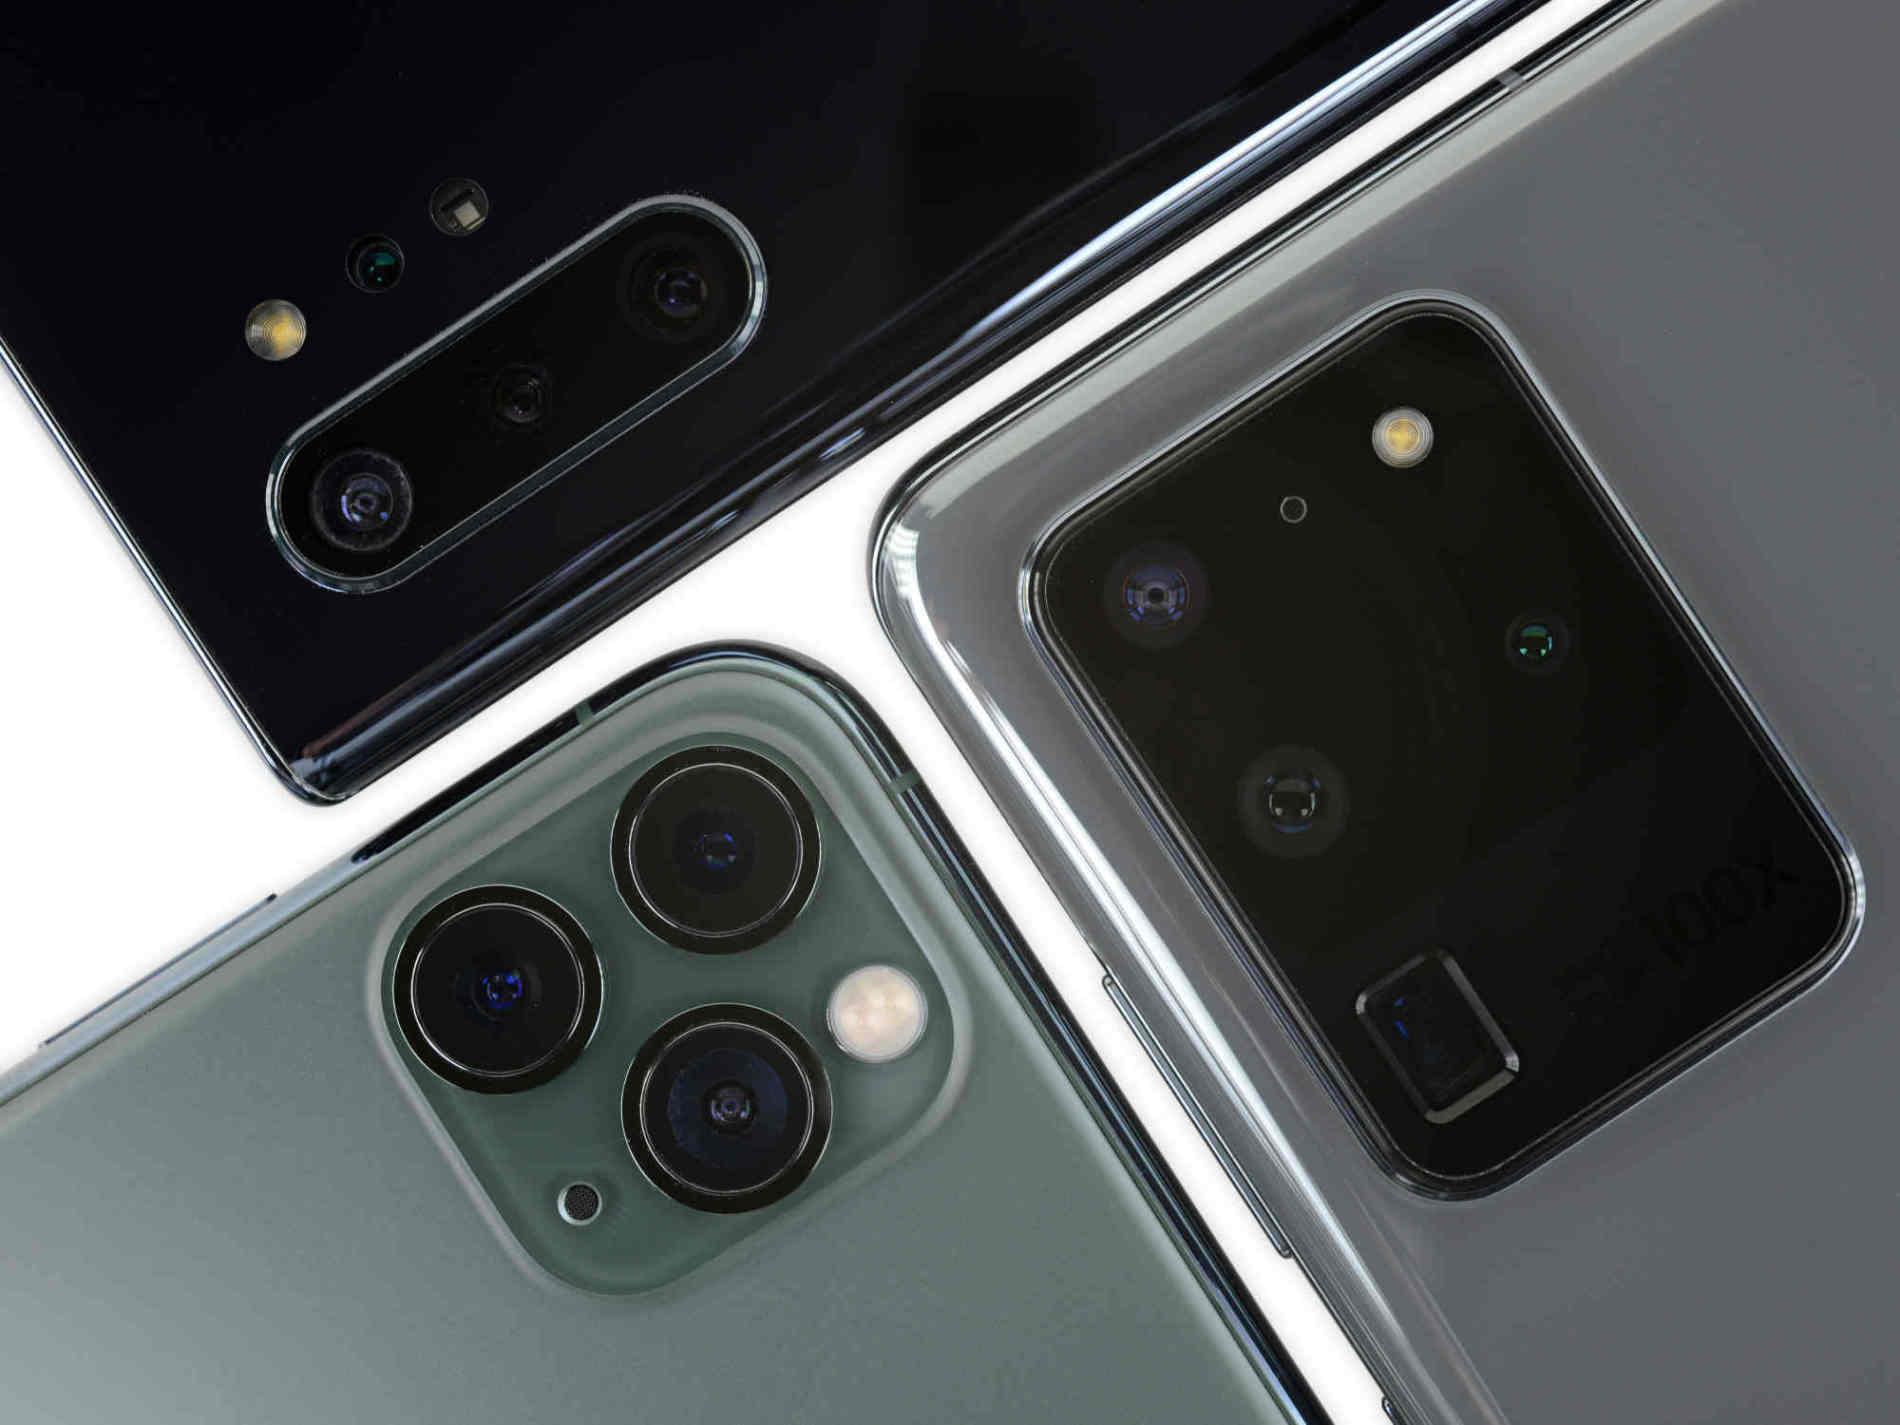 iPhone sắp có ống kính tiềm vọng như flagship Android